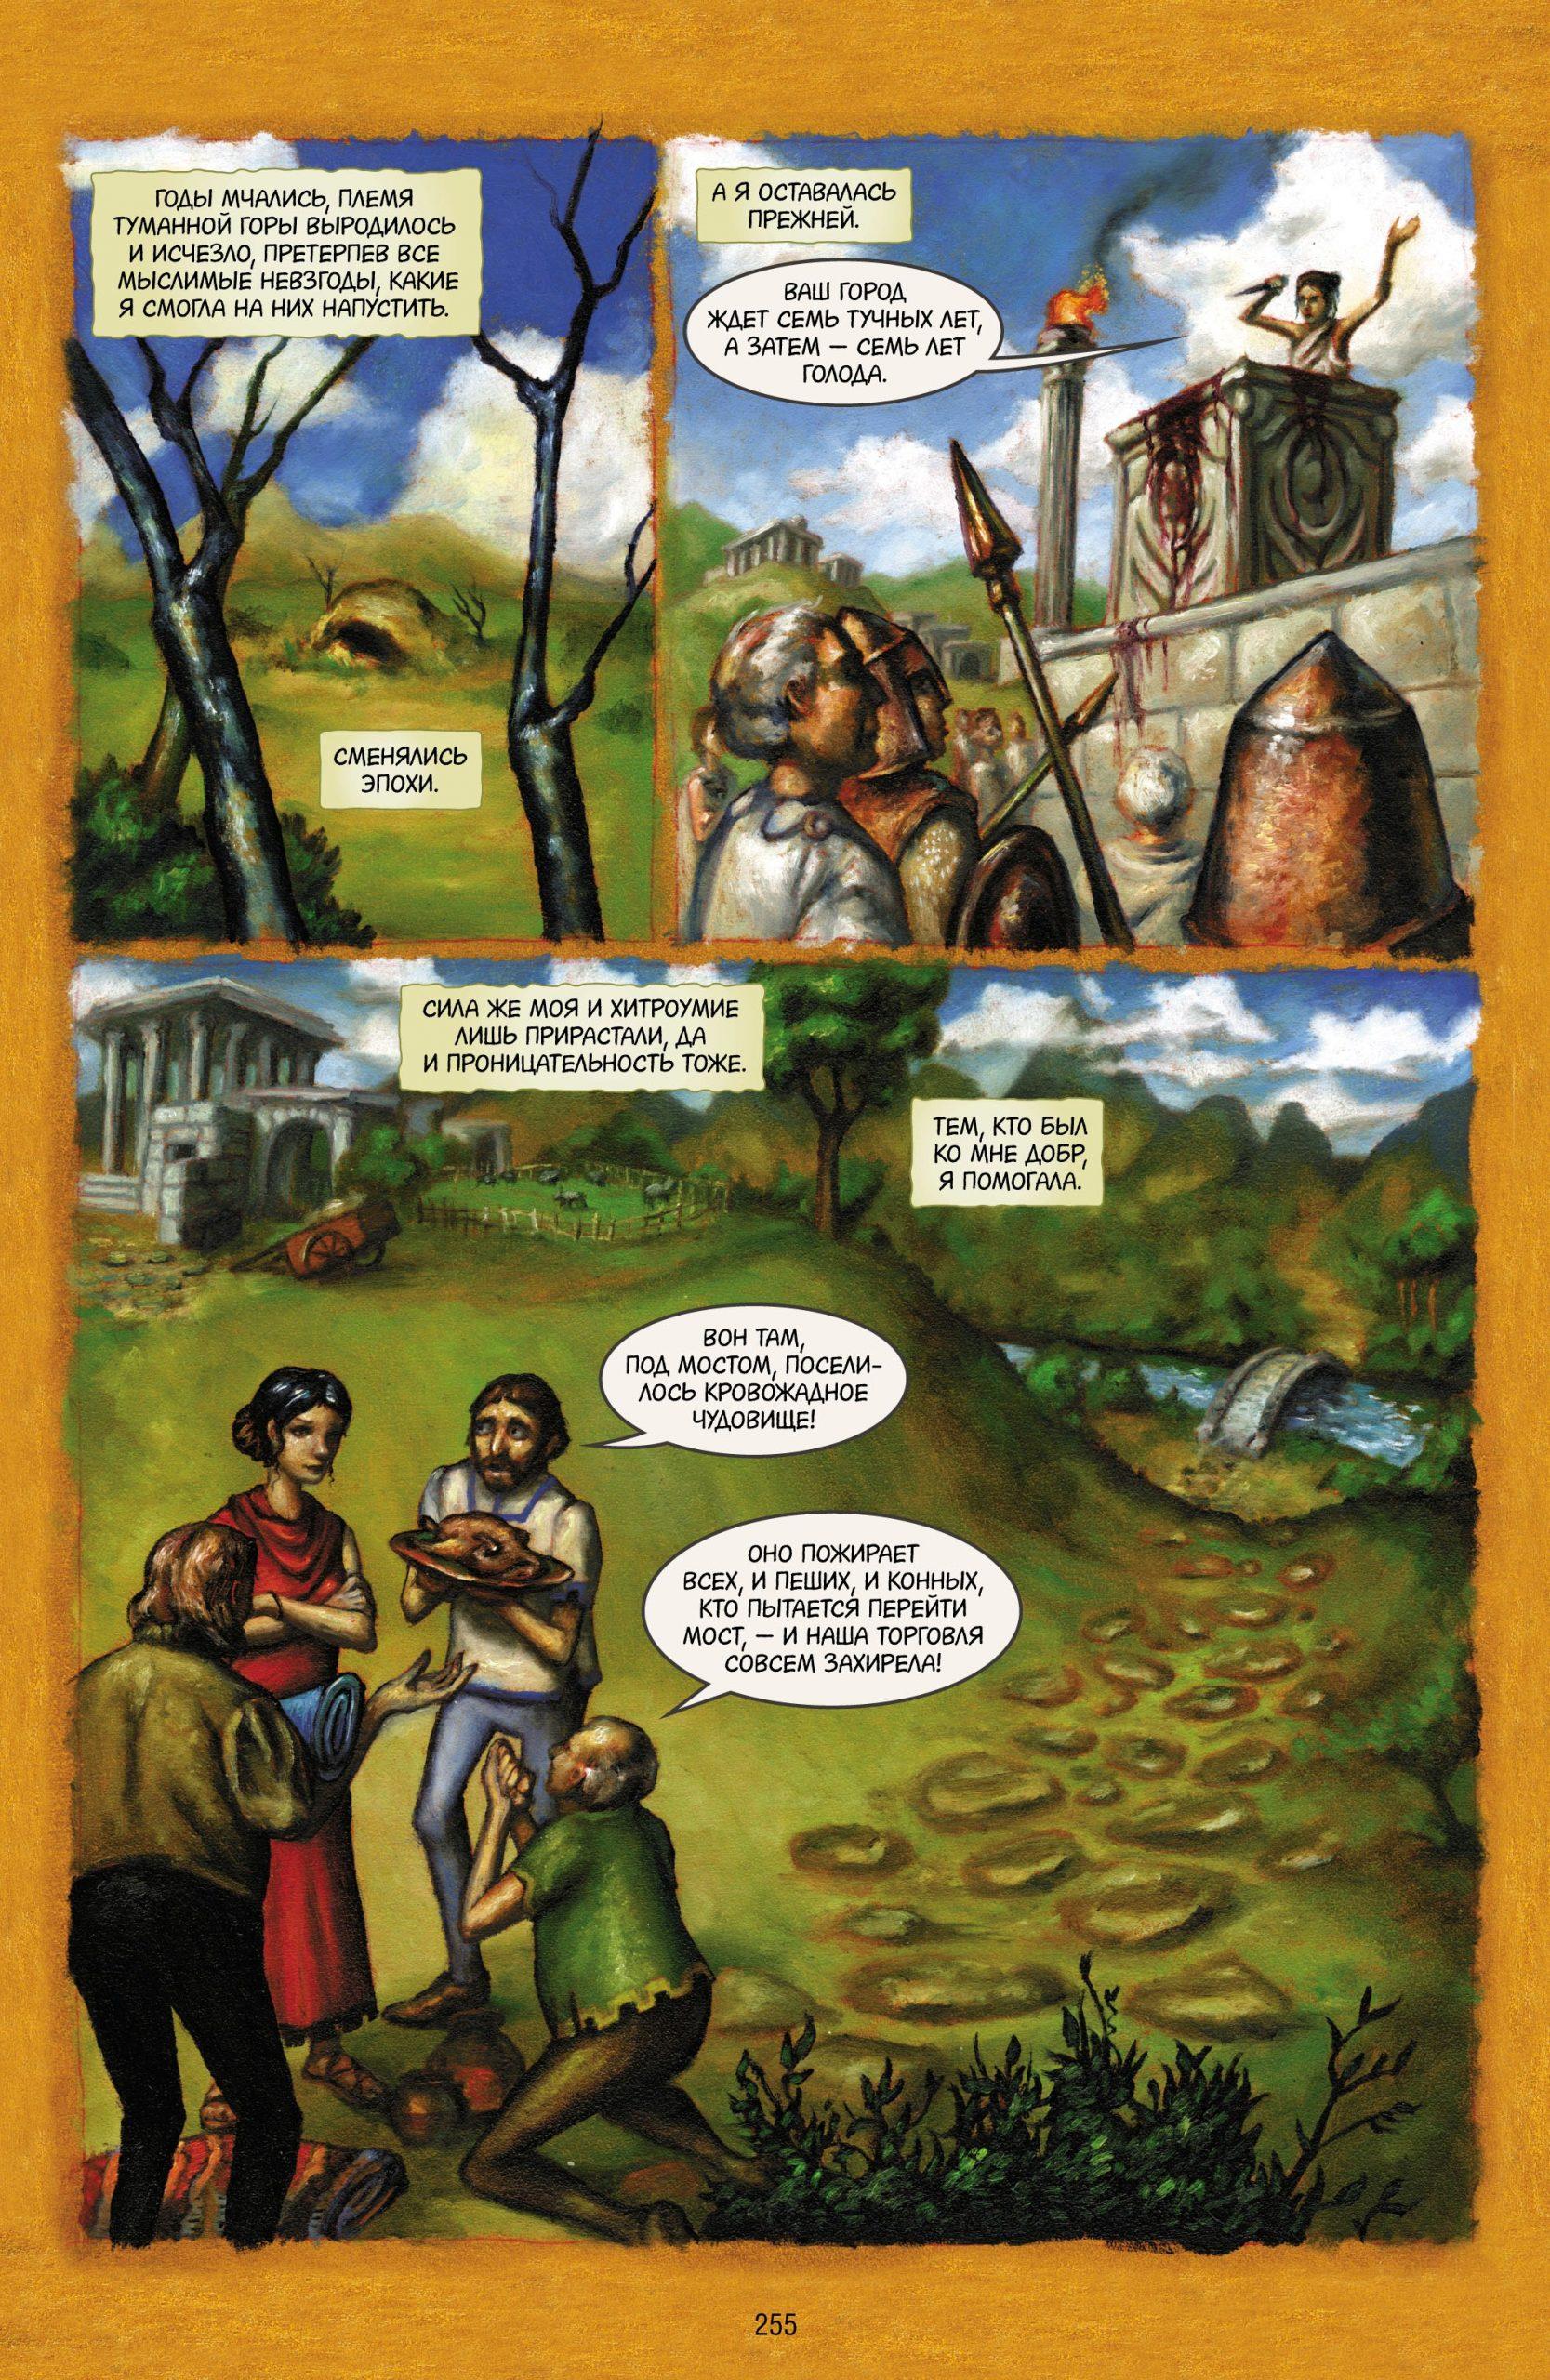 Читаем комикс «Сказки: Диаспора»: жестокие сказки о древней ведьме 3